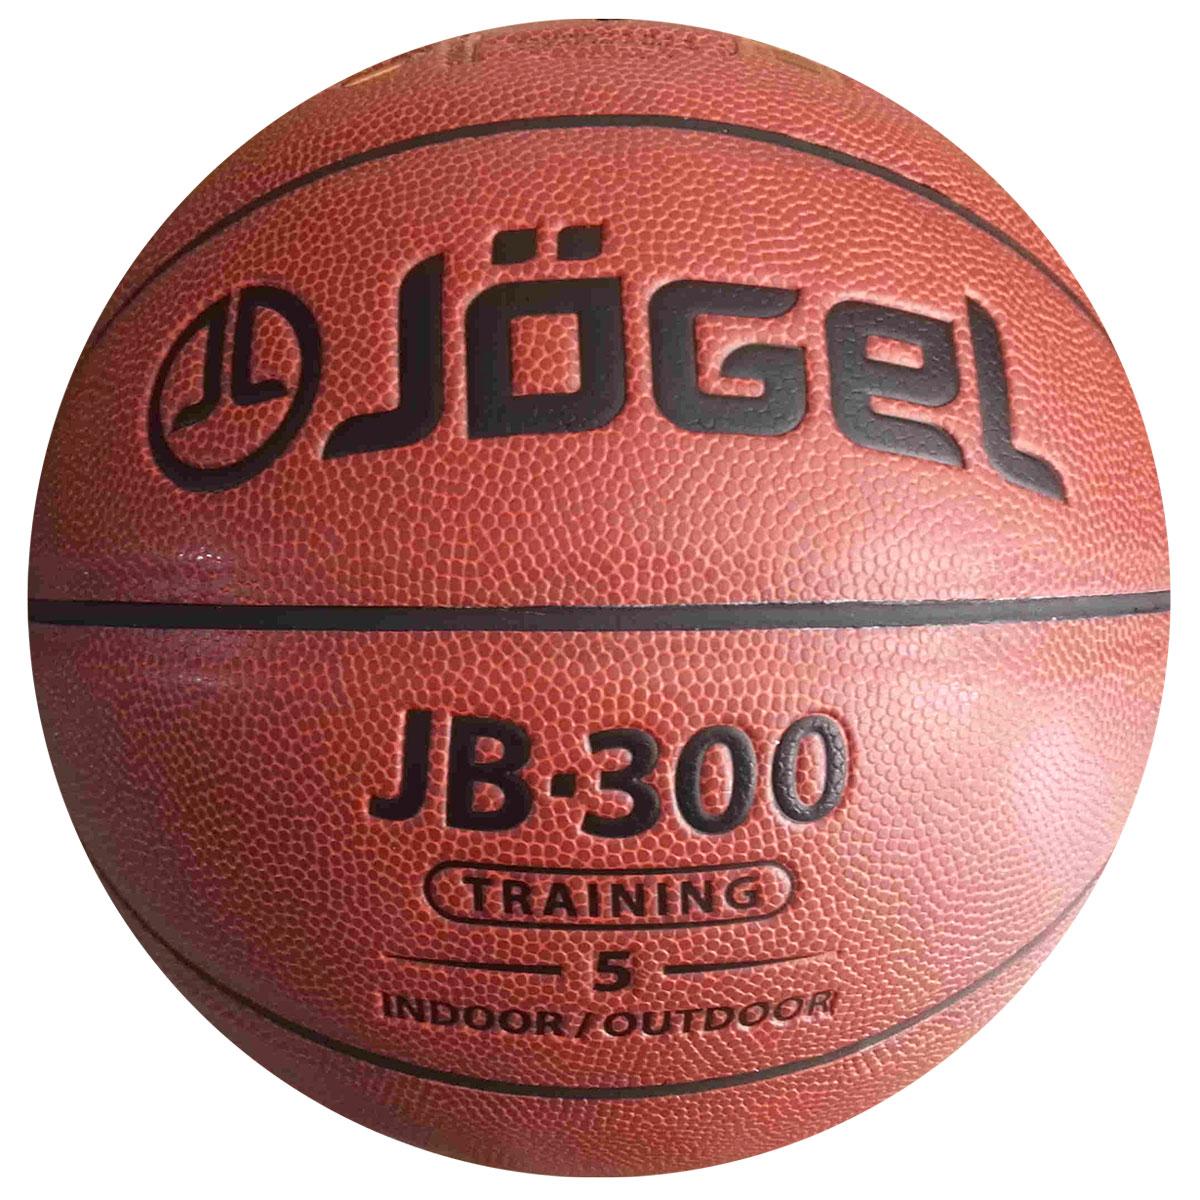 Мяч баскетбольный Jogel, цвет: коричневый. Размер 5. JB-300120330_yellow/blackКлассический резиновый баскетбольный мяч Jogel часто используется в уличном баскетболе, учебных заведениях и СДЮШ. Покрышка мяча выполнена из износостойкой резины, поэтому с мячом можно играть на любой поверхности, как в зале, так и на улице. Всоздании мячей используется технология DeepChannel (глубокие каналы), благодаря которой достигается отличный контроль мяча во времяброска и дриблинга.Камера выполнена из бутила. Мяч баскетбольный рекомендован для любительской игры, тренировок команд среднего уровня и любительских команд. Вес: 470-510 гр. Длина окружности: 69-71 см. Рекомендованное давление: 0.5-0.6 бар. УВАЖАЕМЫЕ КЛИЕНТЫ! Обращаем ваше внимание на тот факт, что мяч поставляется в сдутом виде. Насос в комплект не входит.